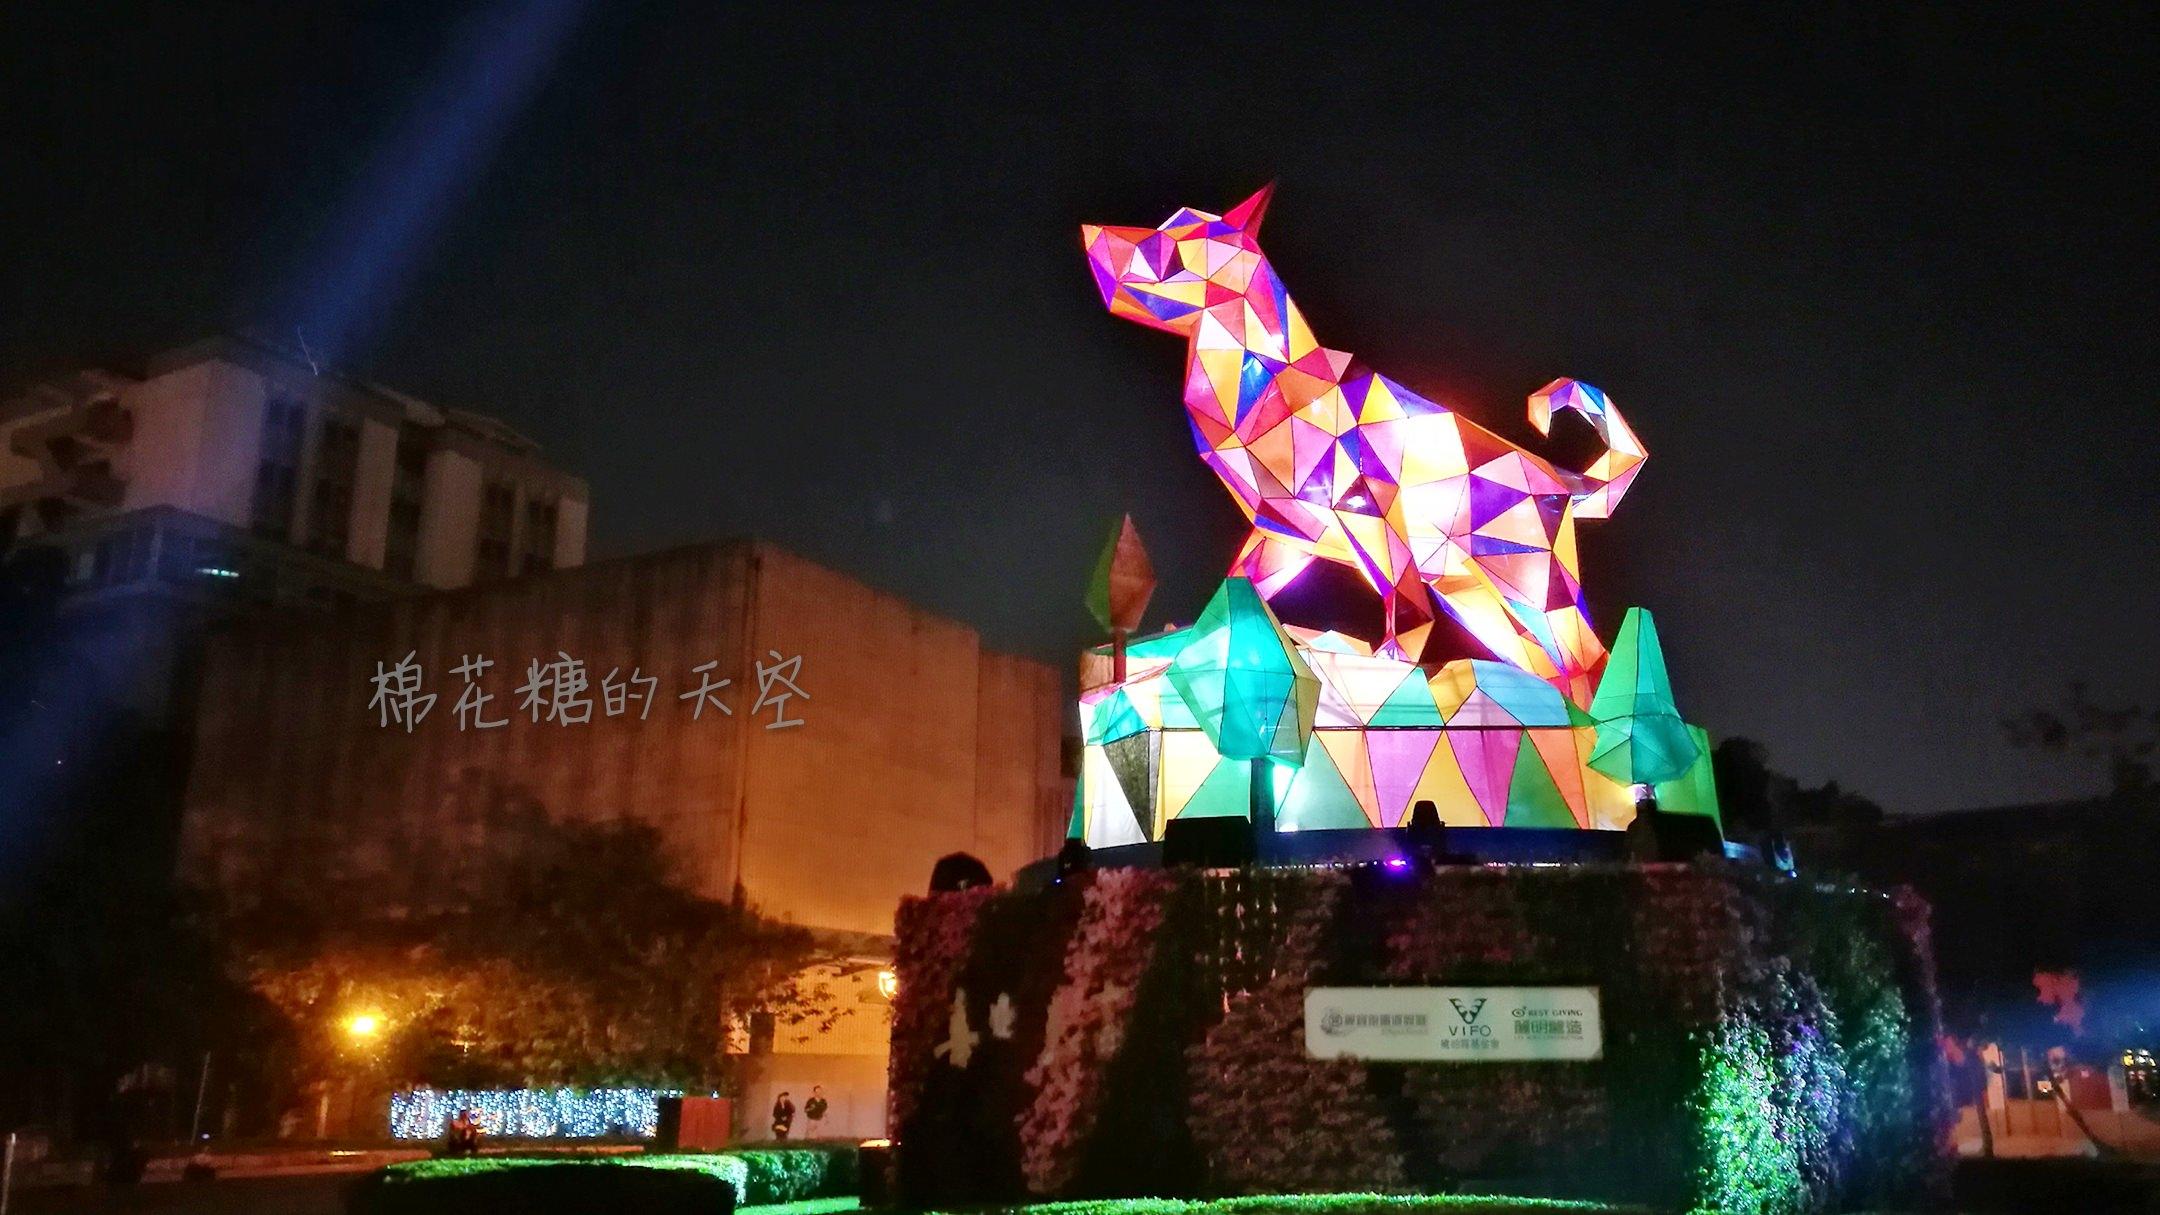 20180223230912 8 - 2018台中燈會主燈亮燈啦!文內有完整主燈秀影片